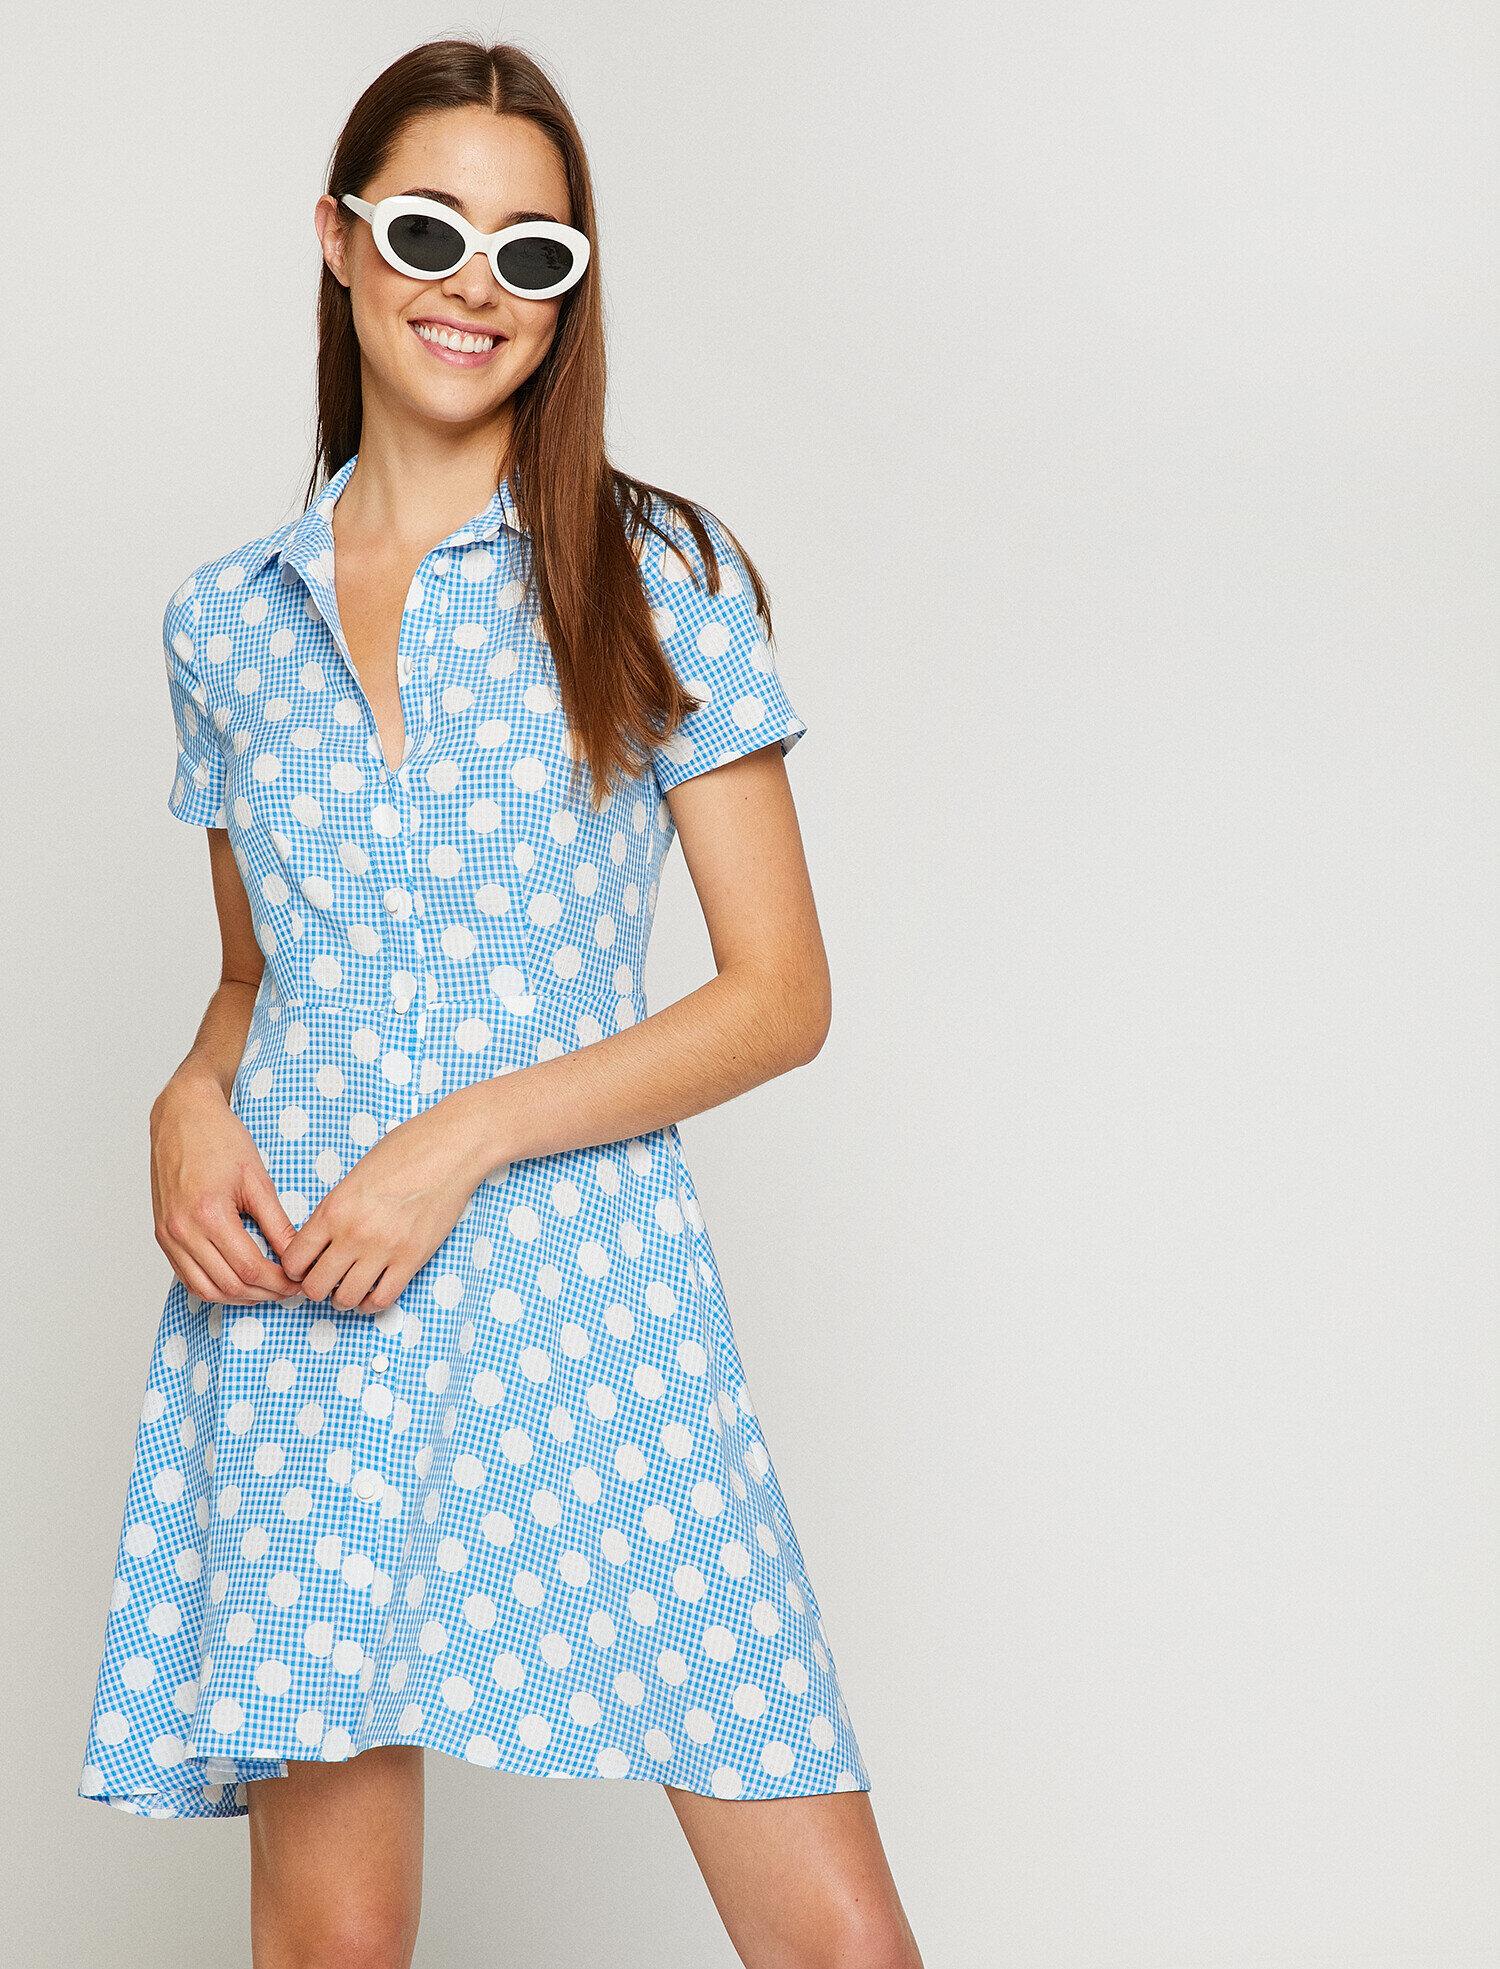 90fe24d79dc0c Mavi Bayan Puantiye Detaylı Elbise 8YAK88799PW83A | Koton